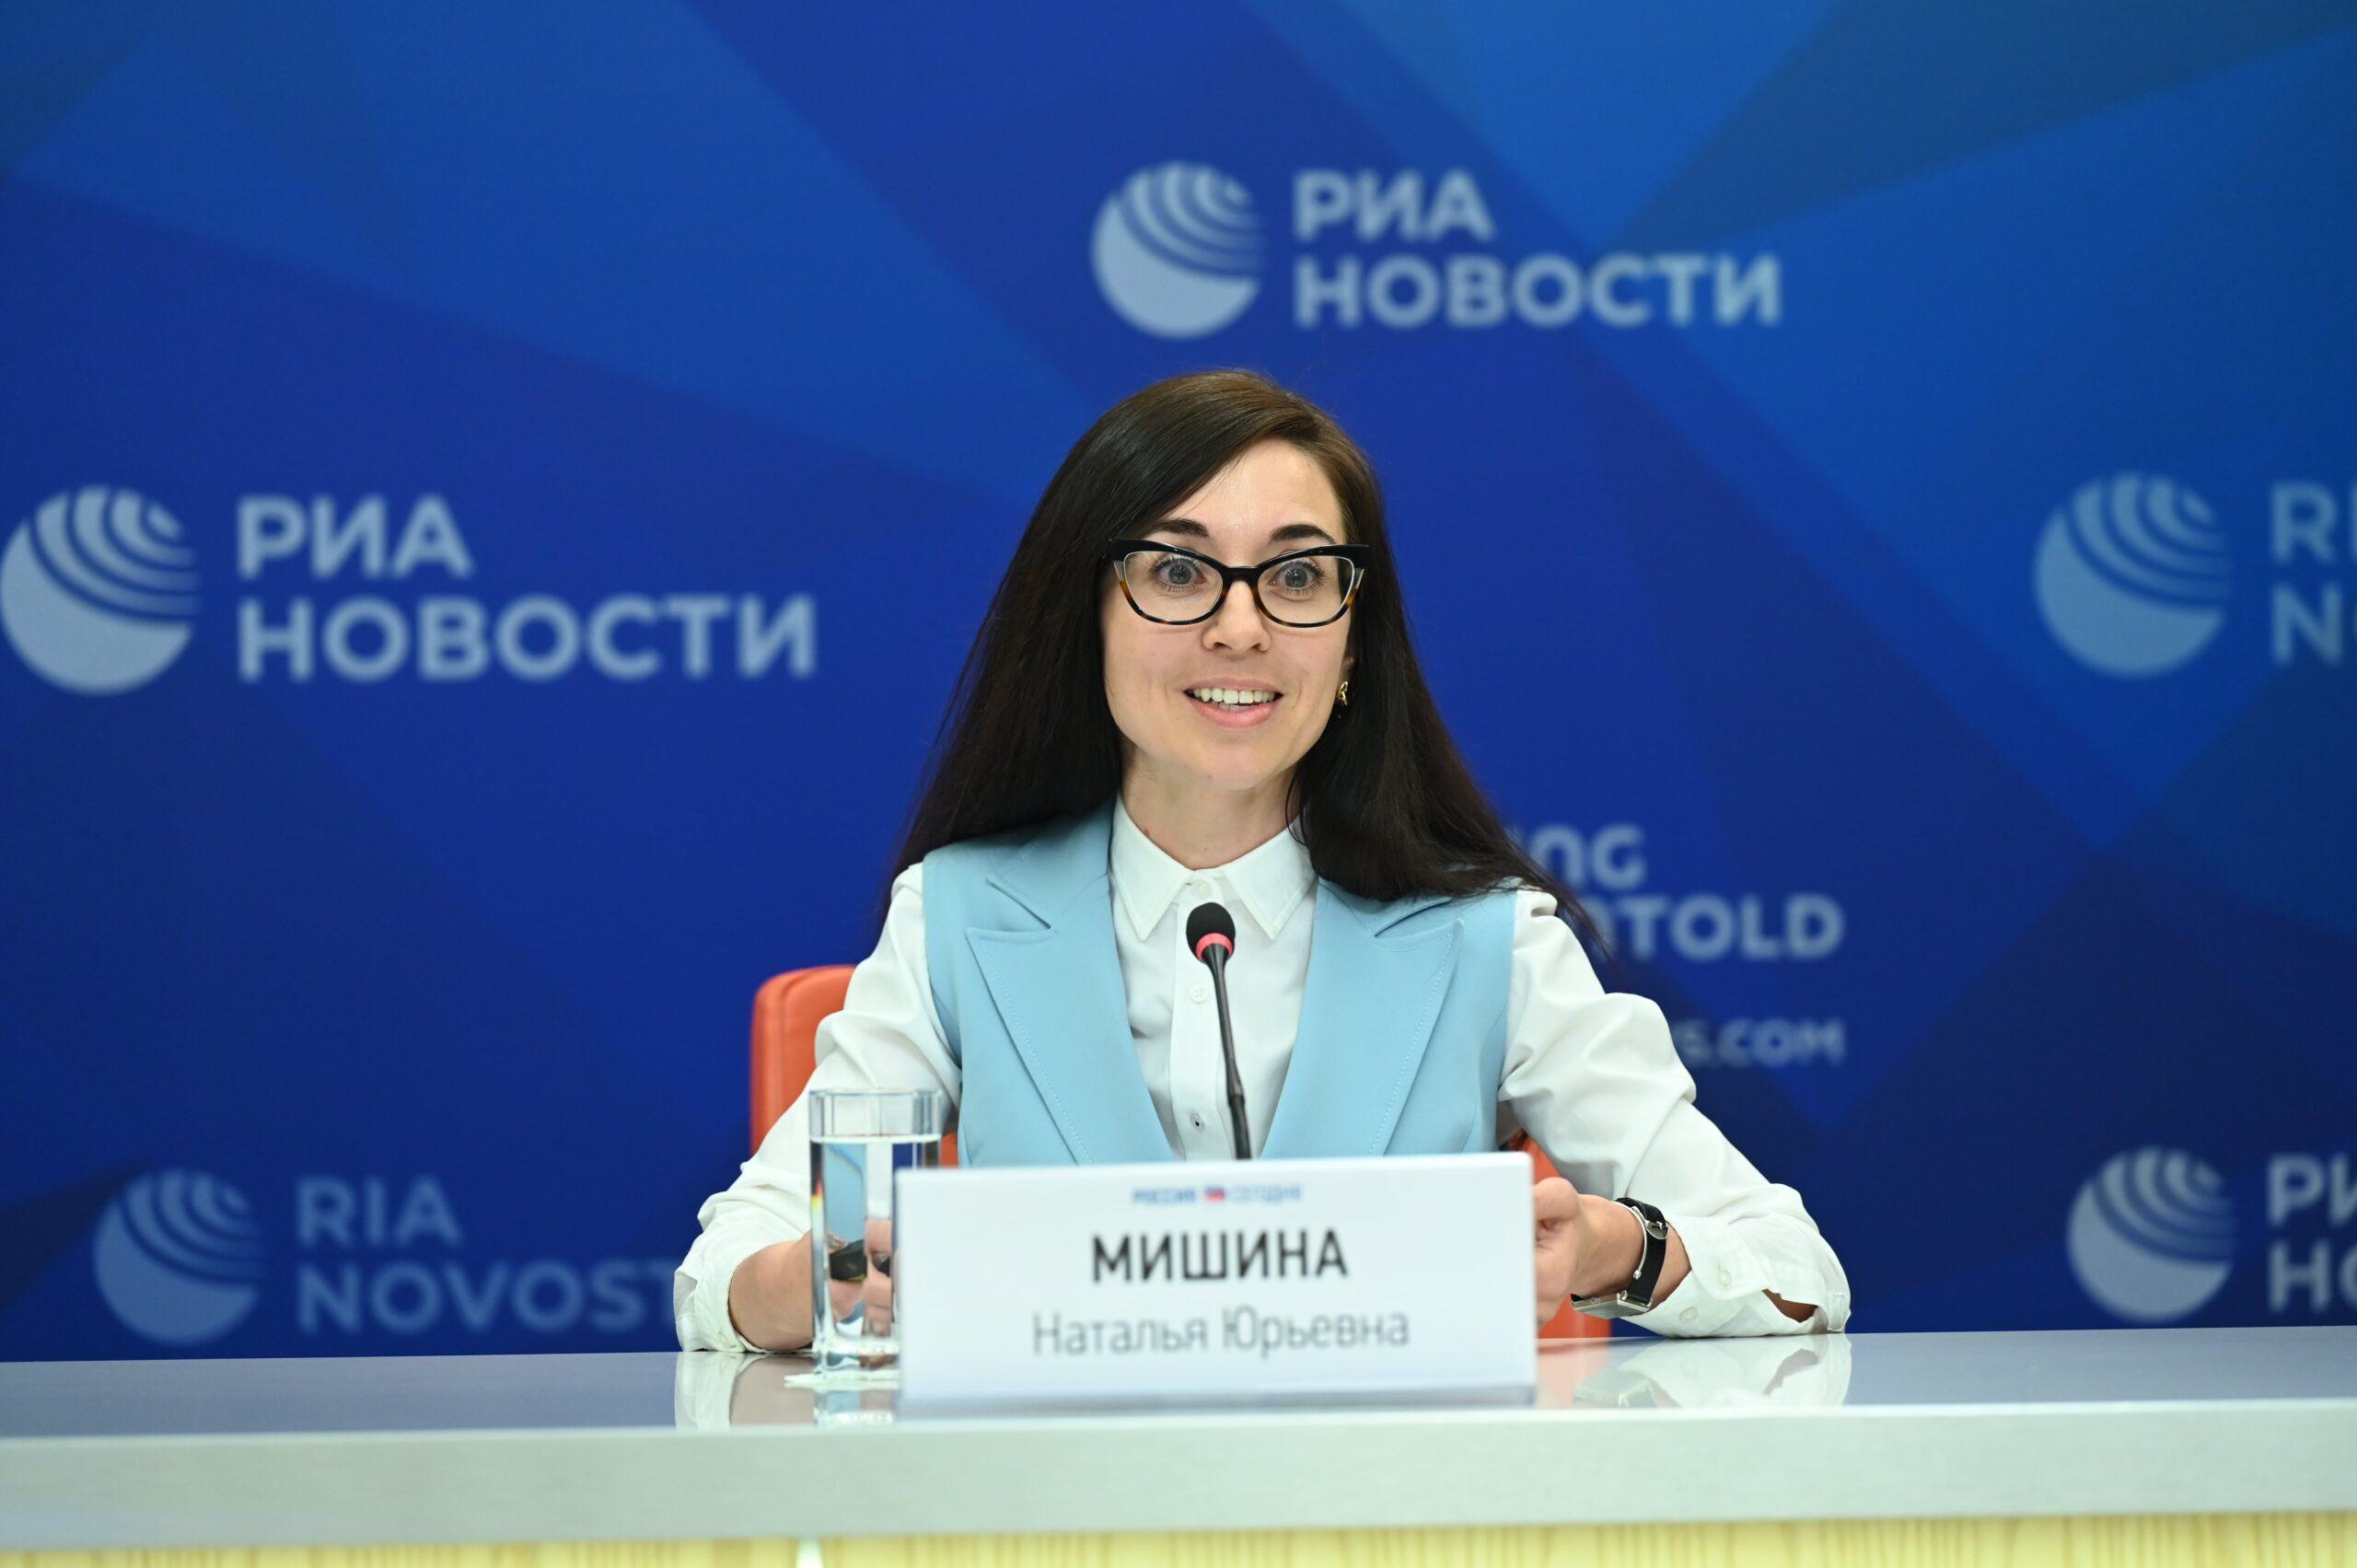 Пресс-конференция Обрсоюза, посвященная запуску конкурса «СОТ»